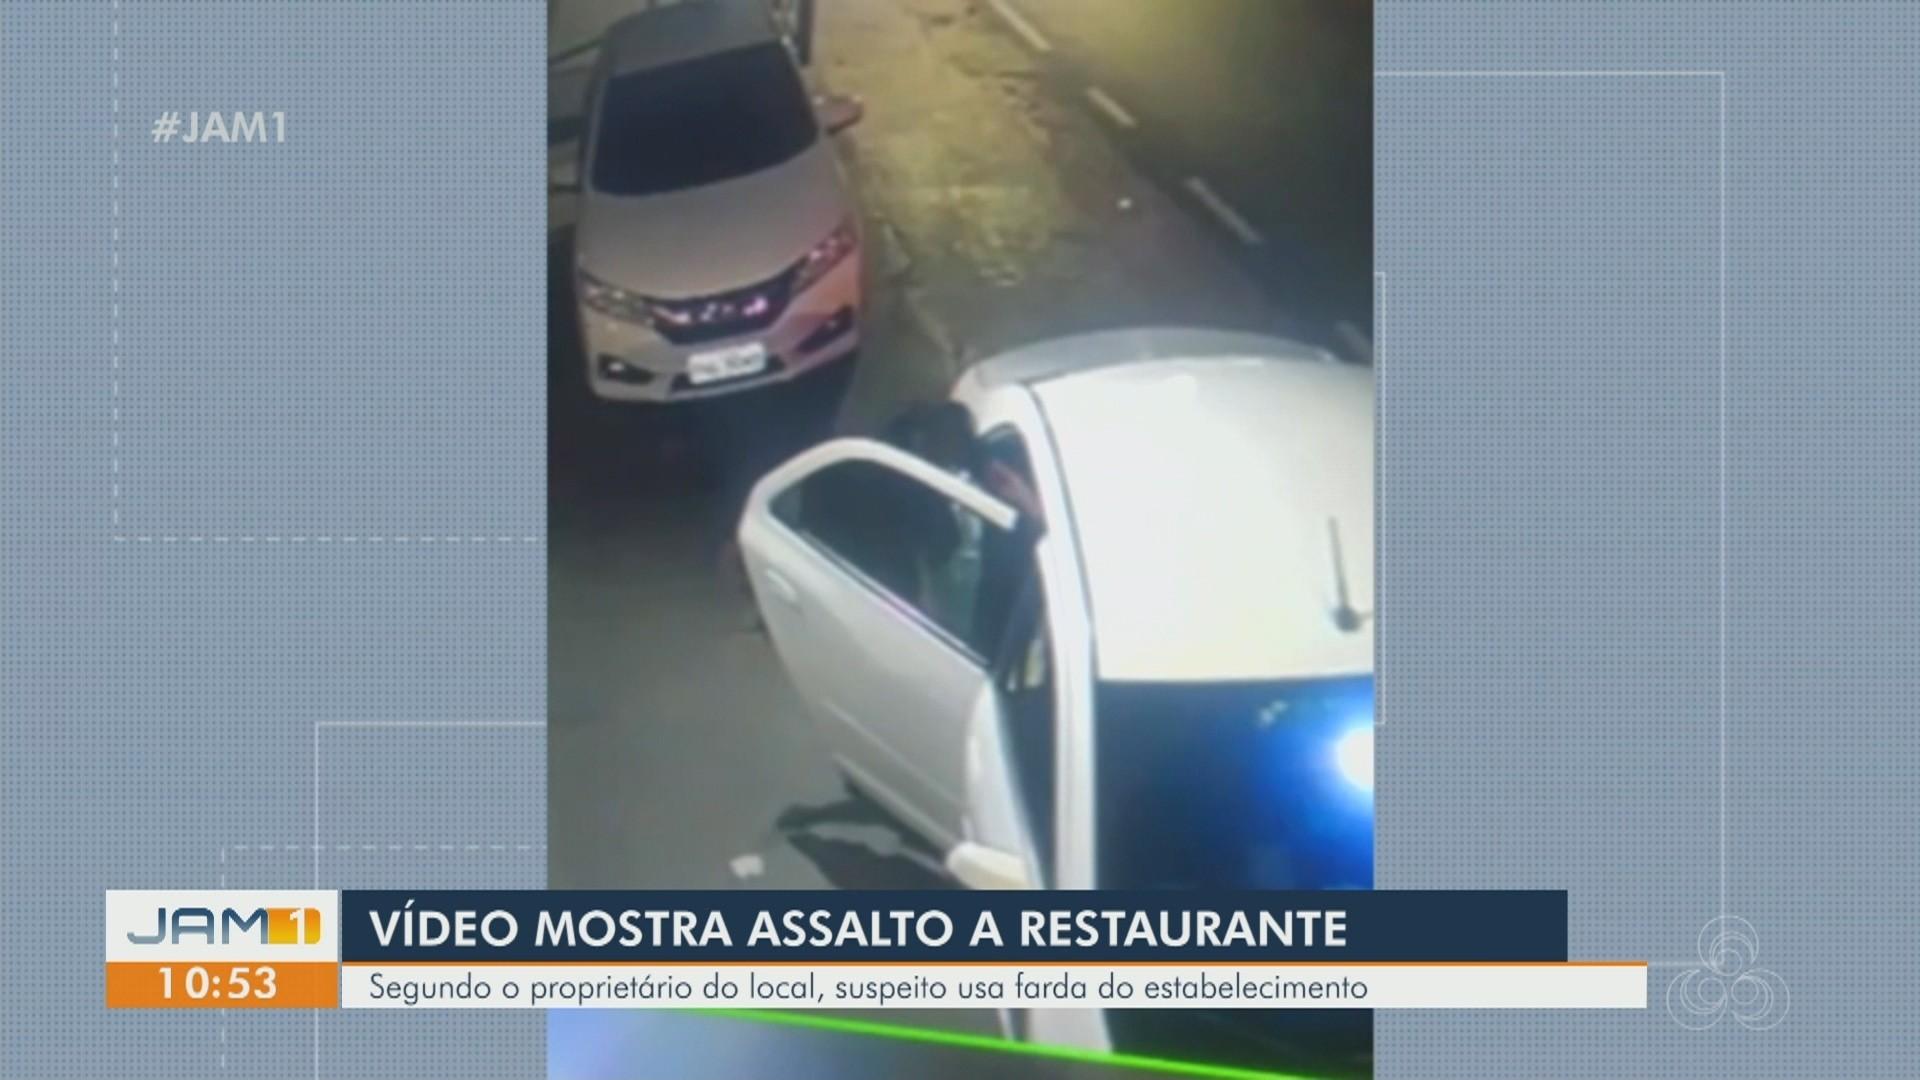 VÍDEO: Posto de combustíveis é assaltado em Itacoatiara, no AM; Veja destaques do JAM